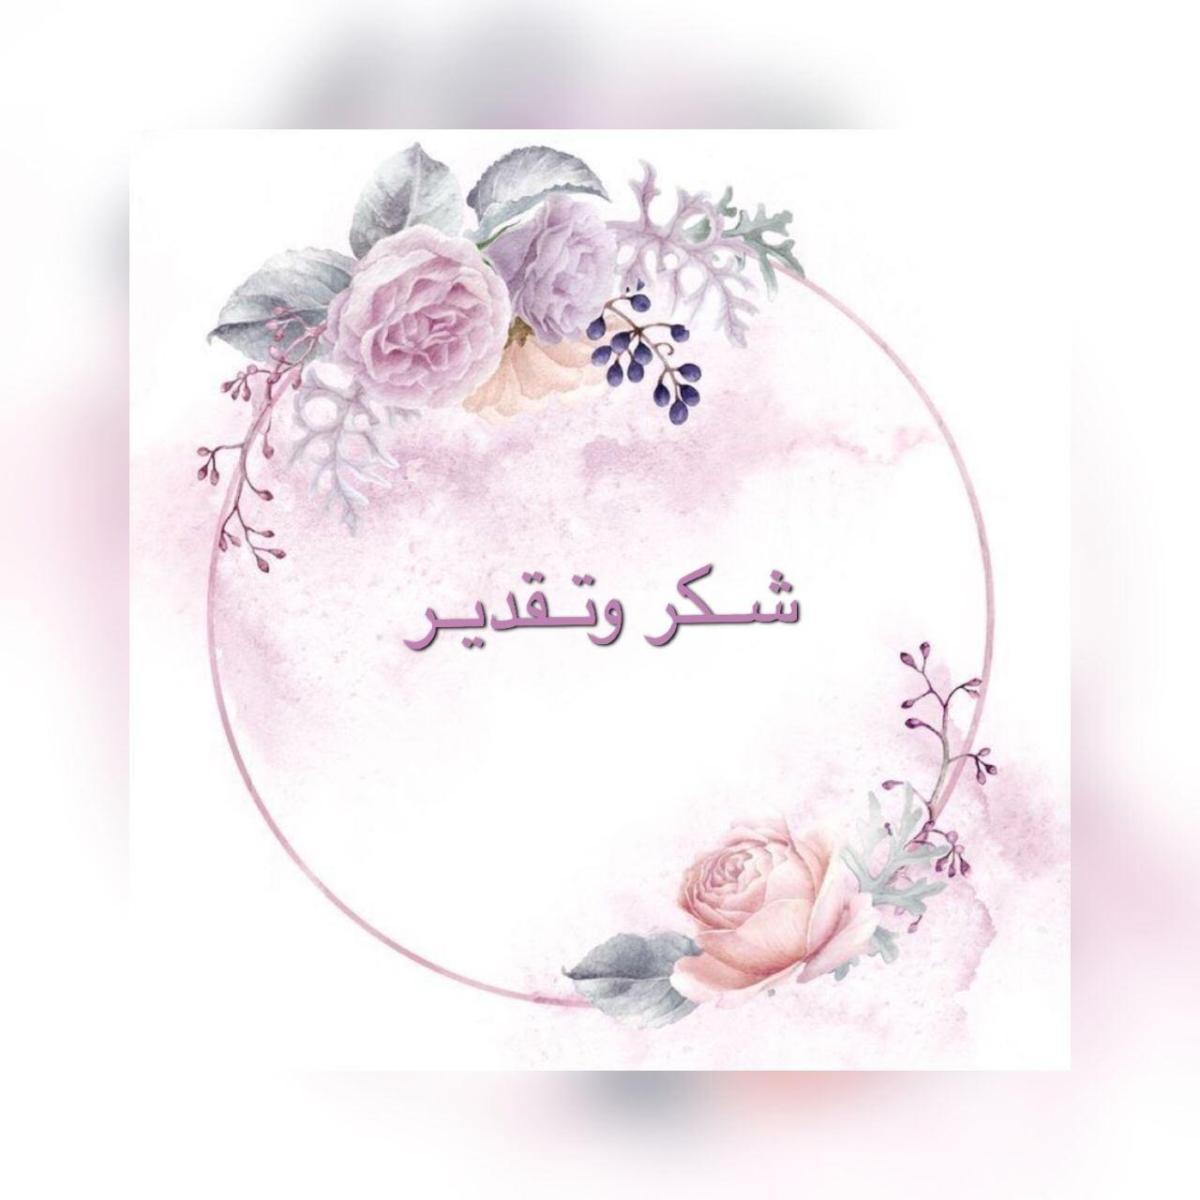 شكر وتقدير (أ. م. د. مهدي وهاب نصر الله)